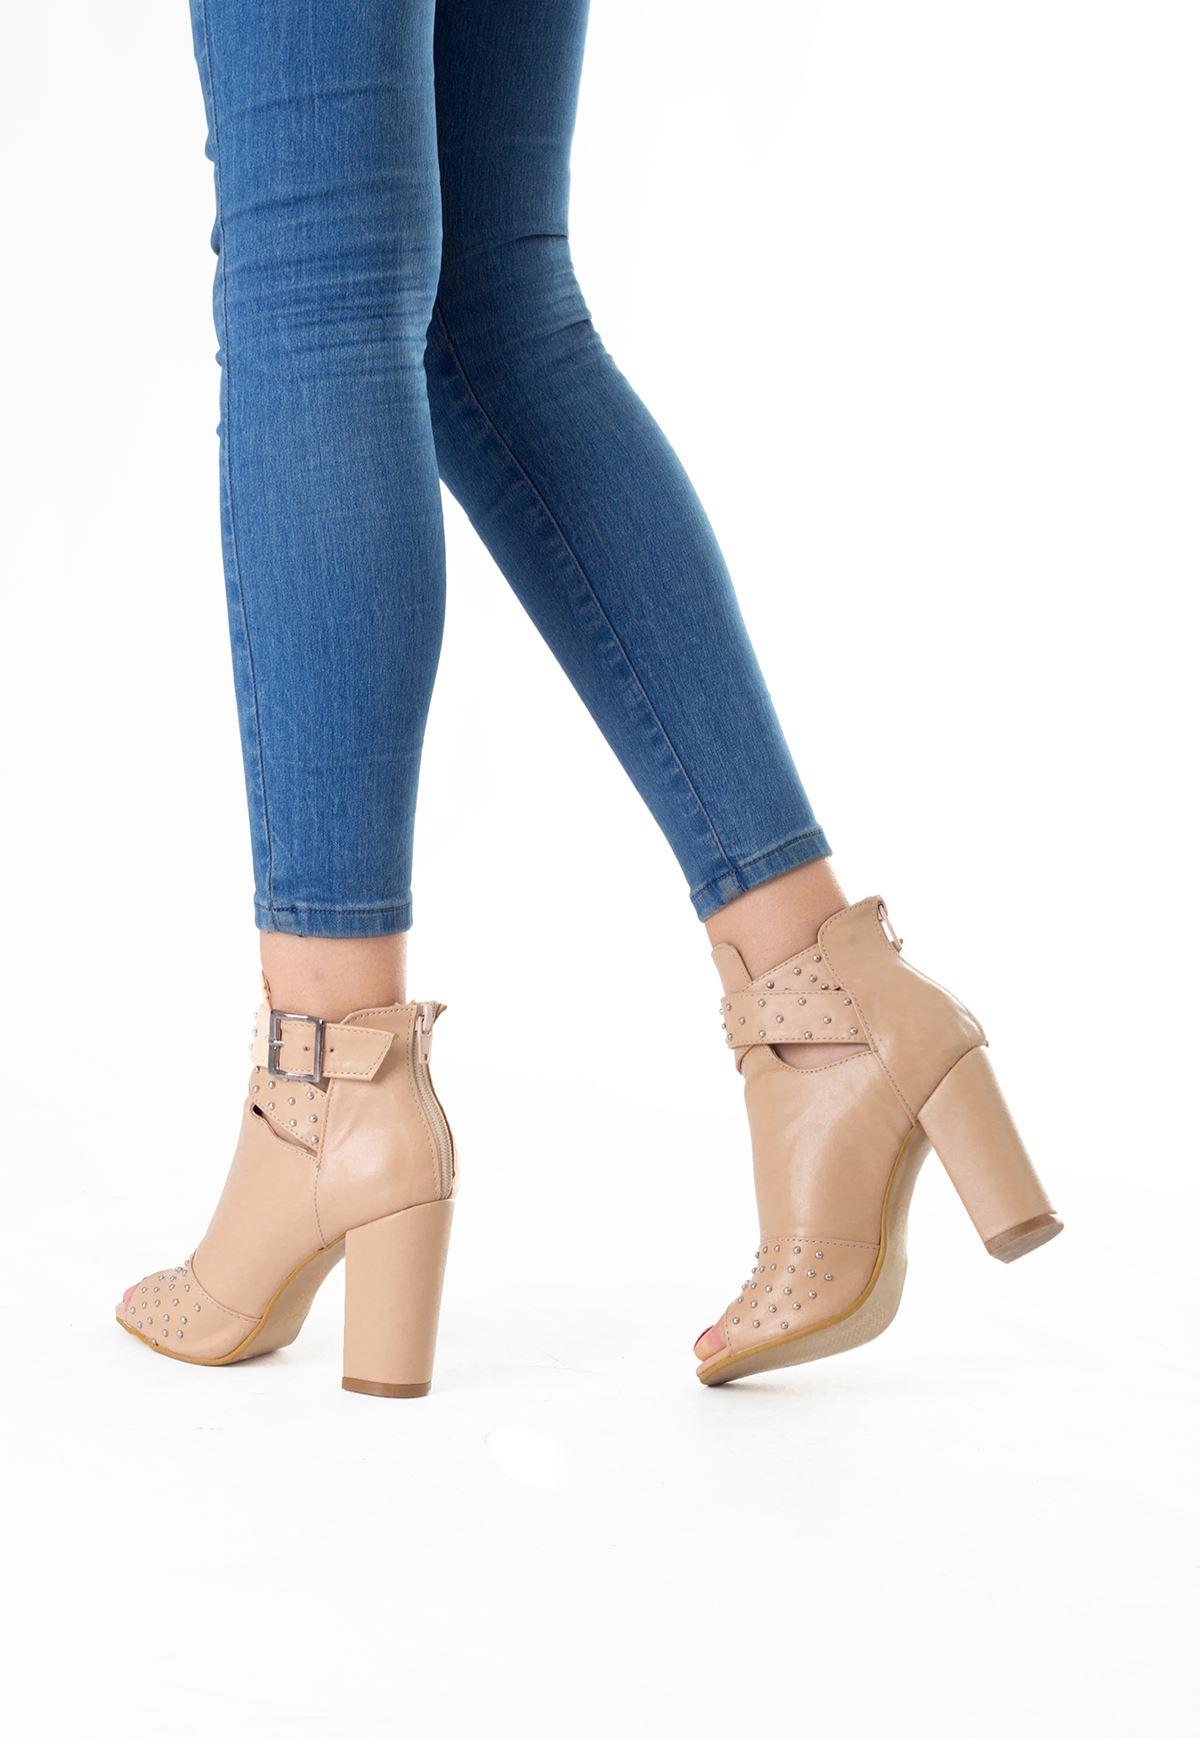 Mrt Krem Kemerli Taşlı Bayan Topuklu Ayakkabı